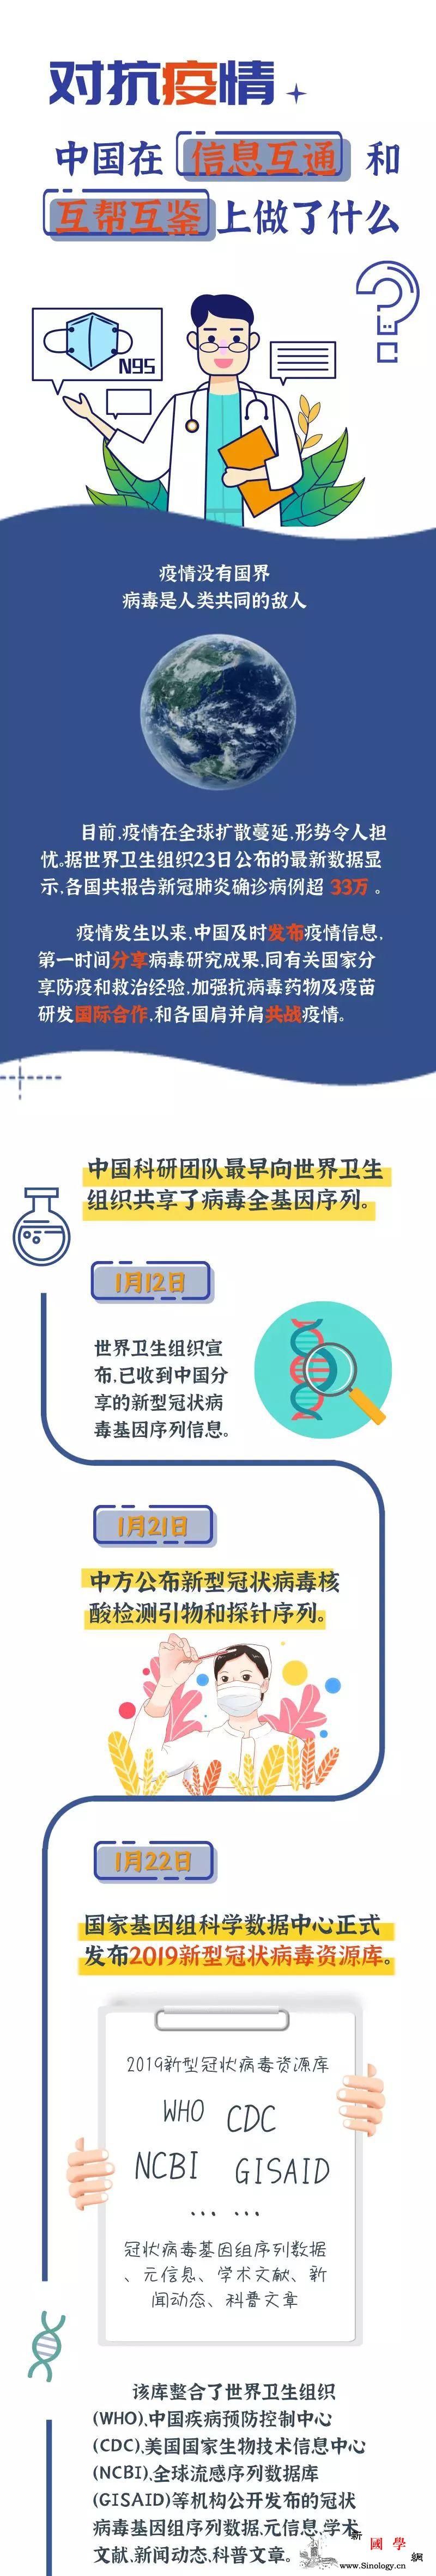 对抗疫情中国在信息互通和互帮互鉴上_画中画-慈溪市-宁波市-